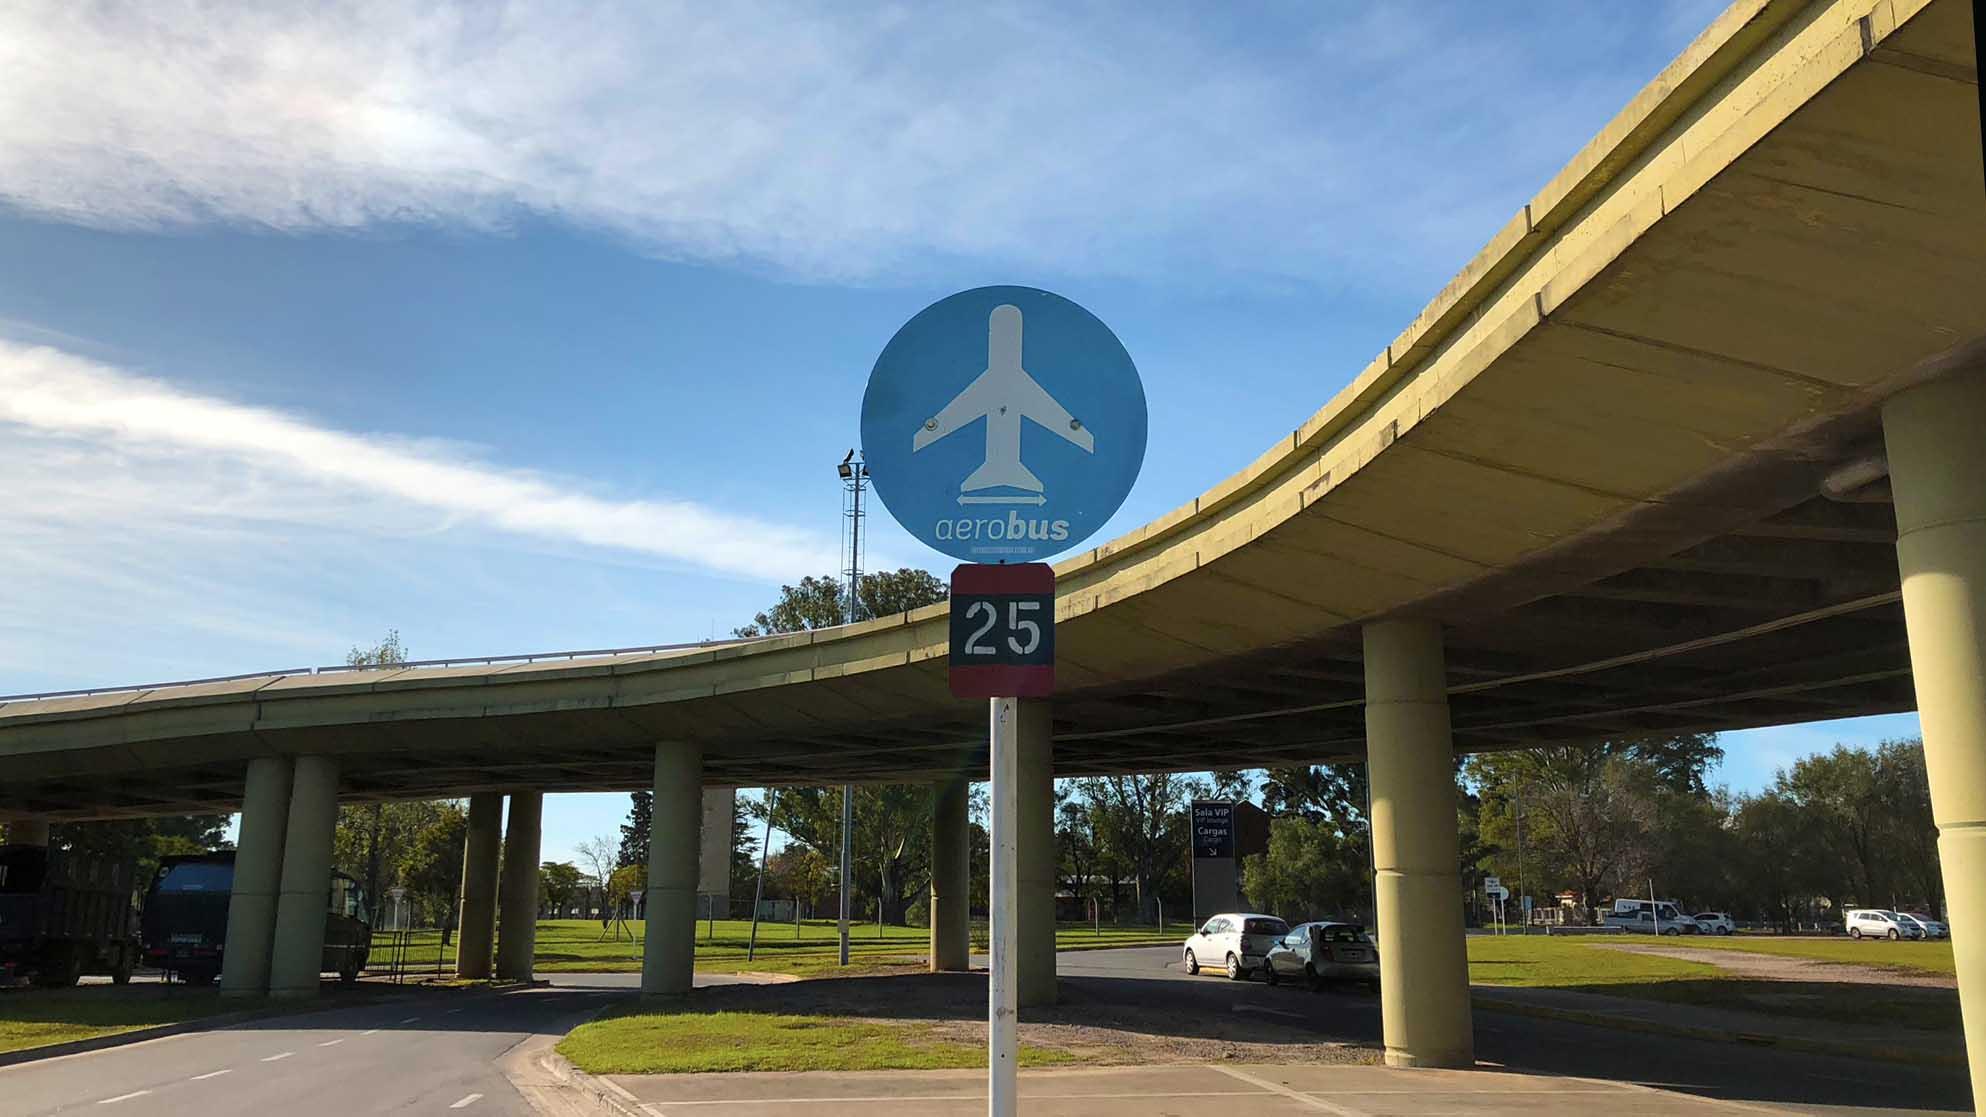 Parada de Aerobus en el Aeropuerto de Córdoba